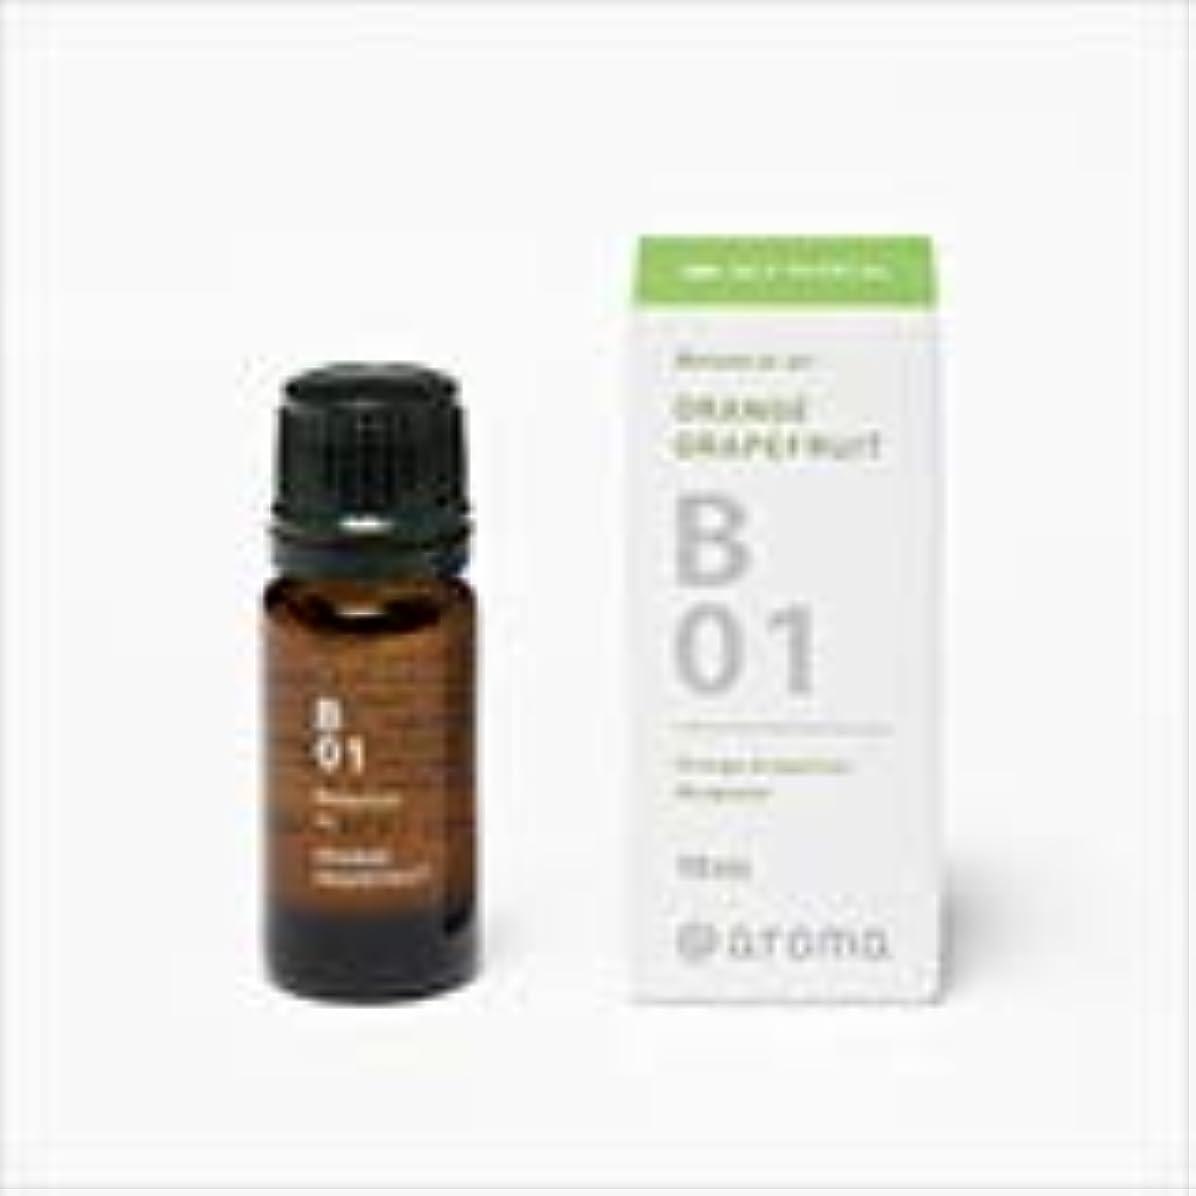 テストドレイン租界アットアロマ 100%pure essential oil <Botanical air ラベンダーミント>